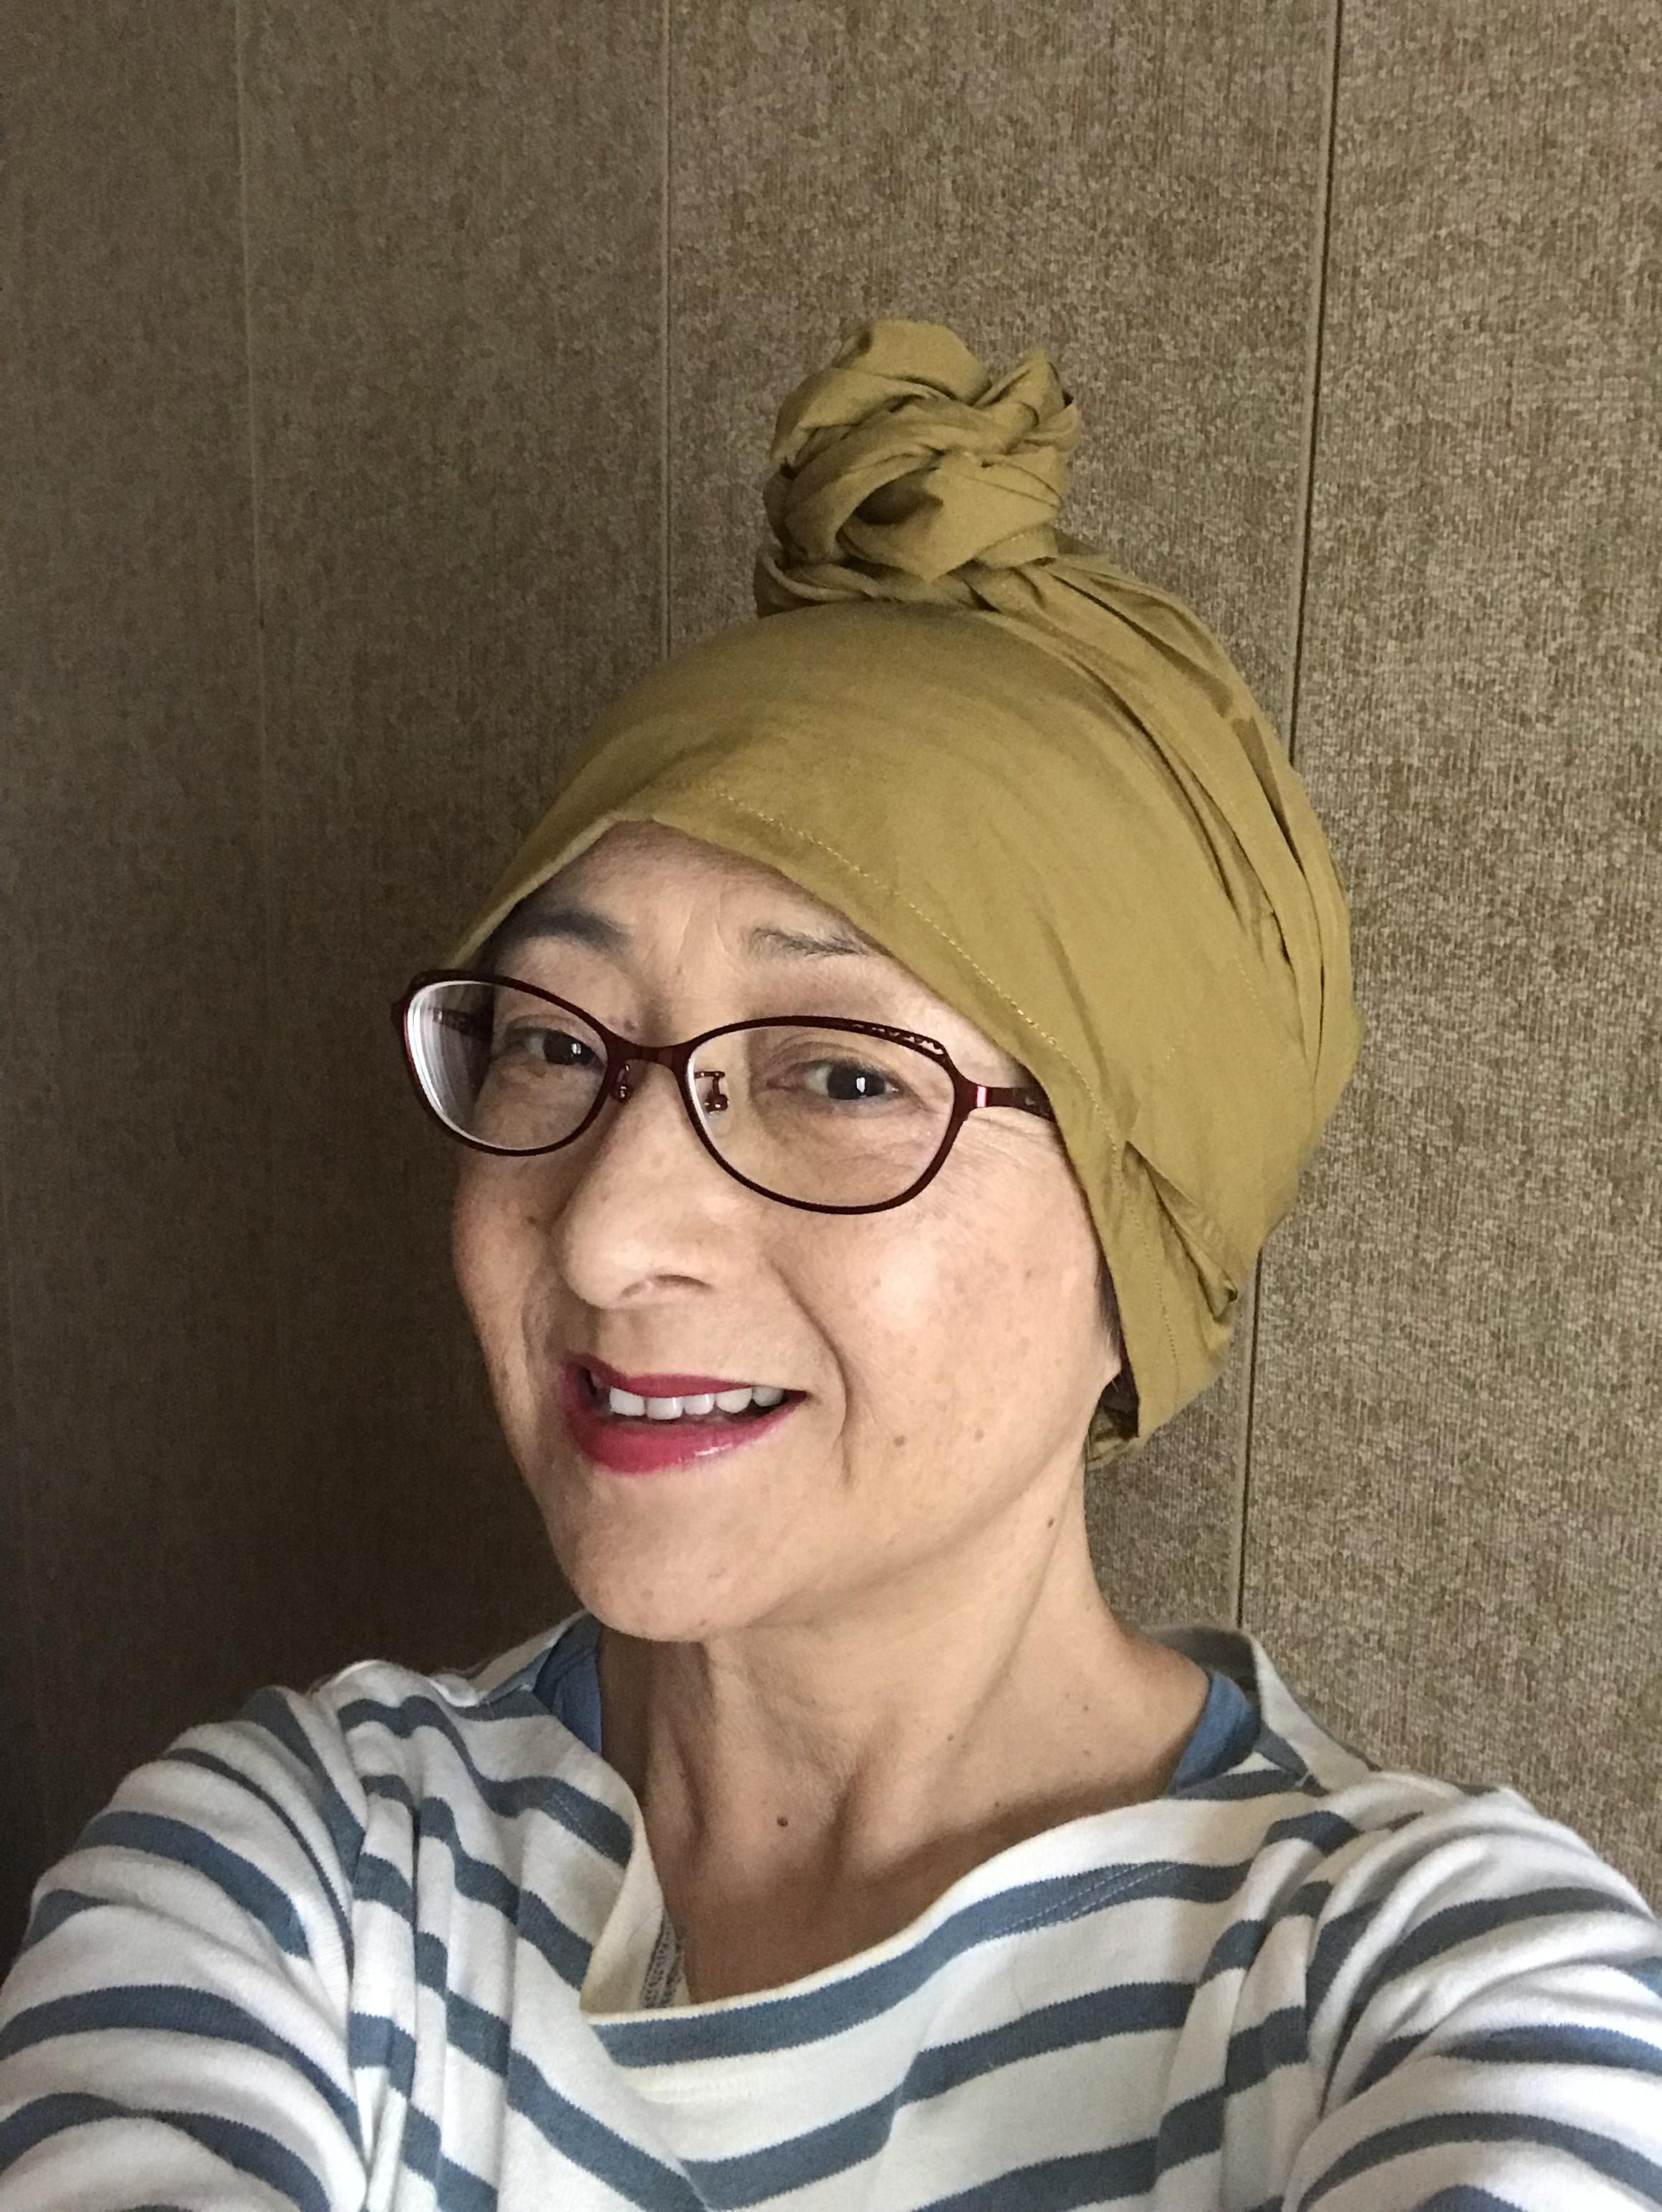 絶賛脱毛中 抗がん剤治療17日目